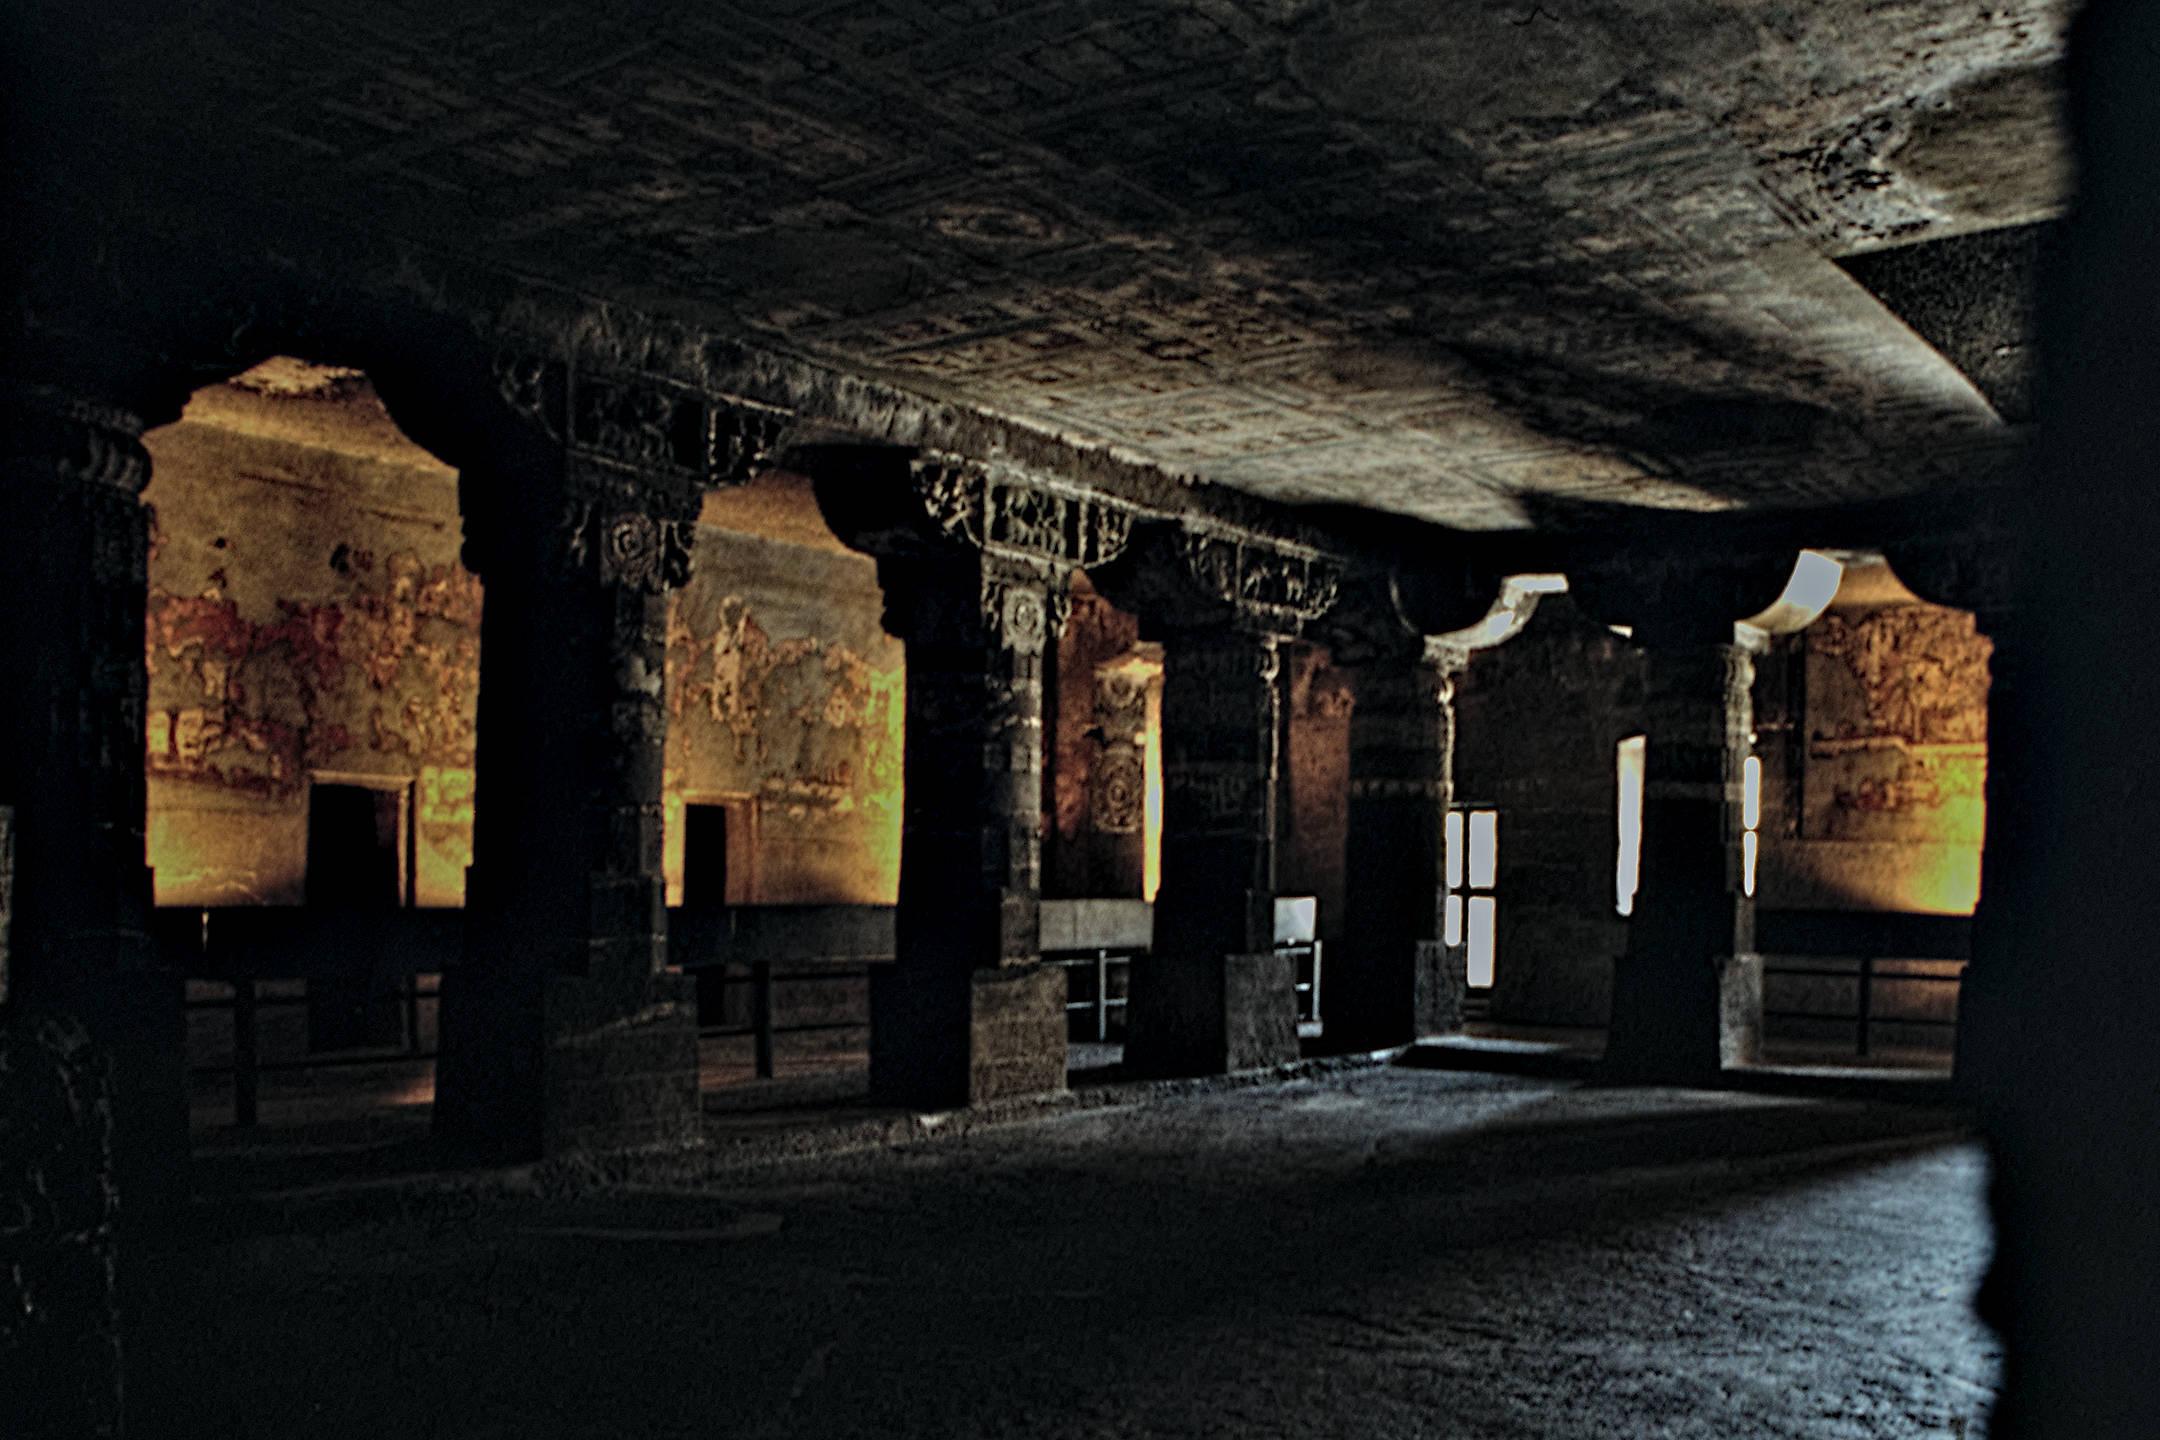 Worship Hall (Chaitya) at Ajanta Caves